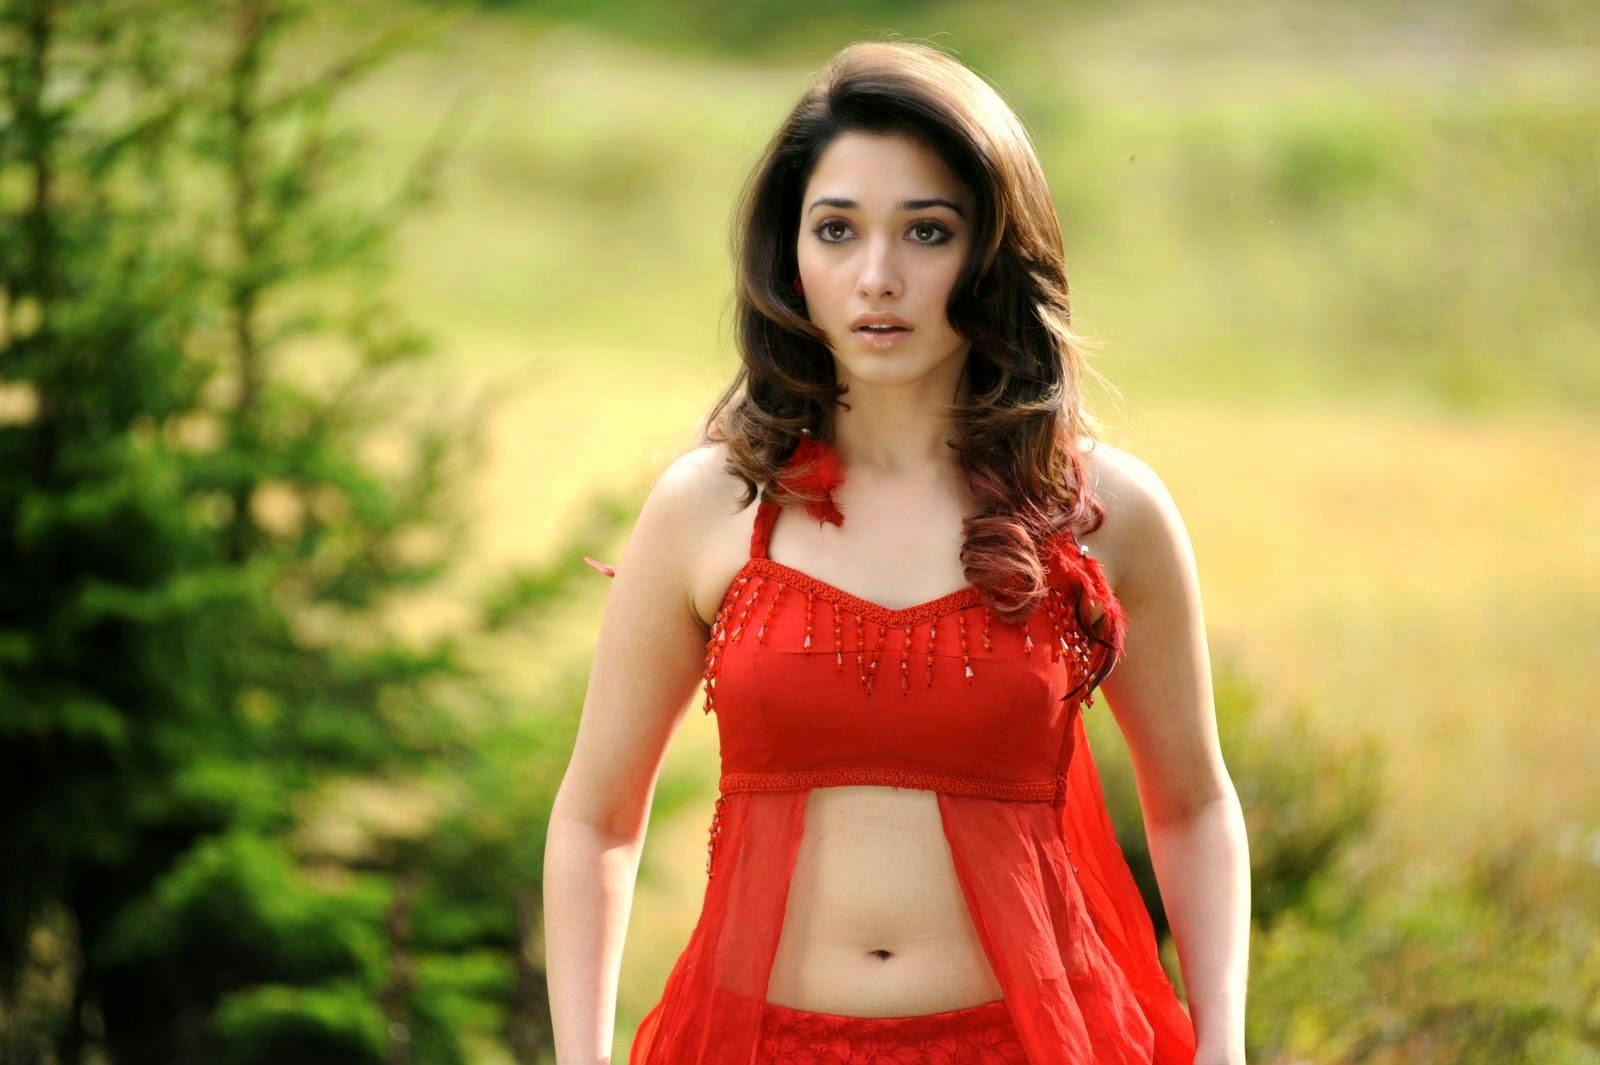 Tamanna Latest: Actress Tamanna Bhatia Hot Pictures And Sizzling